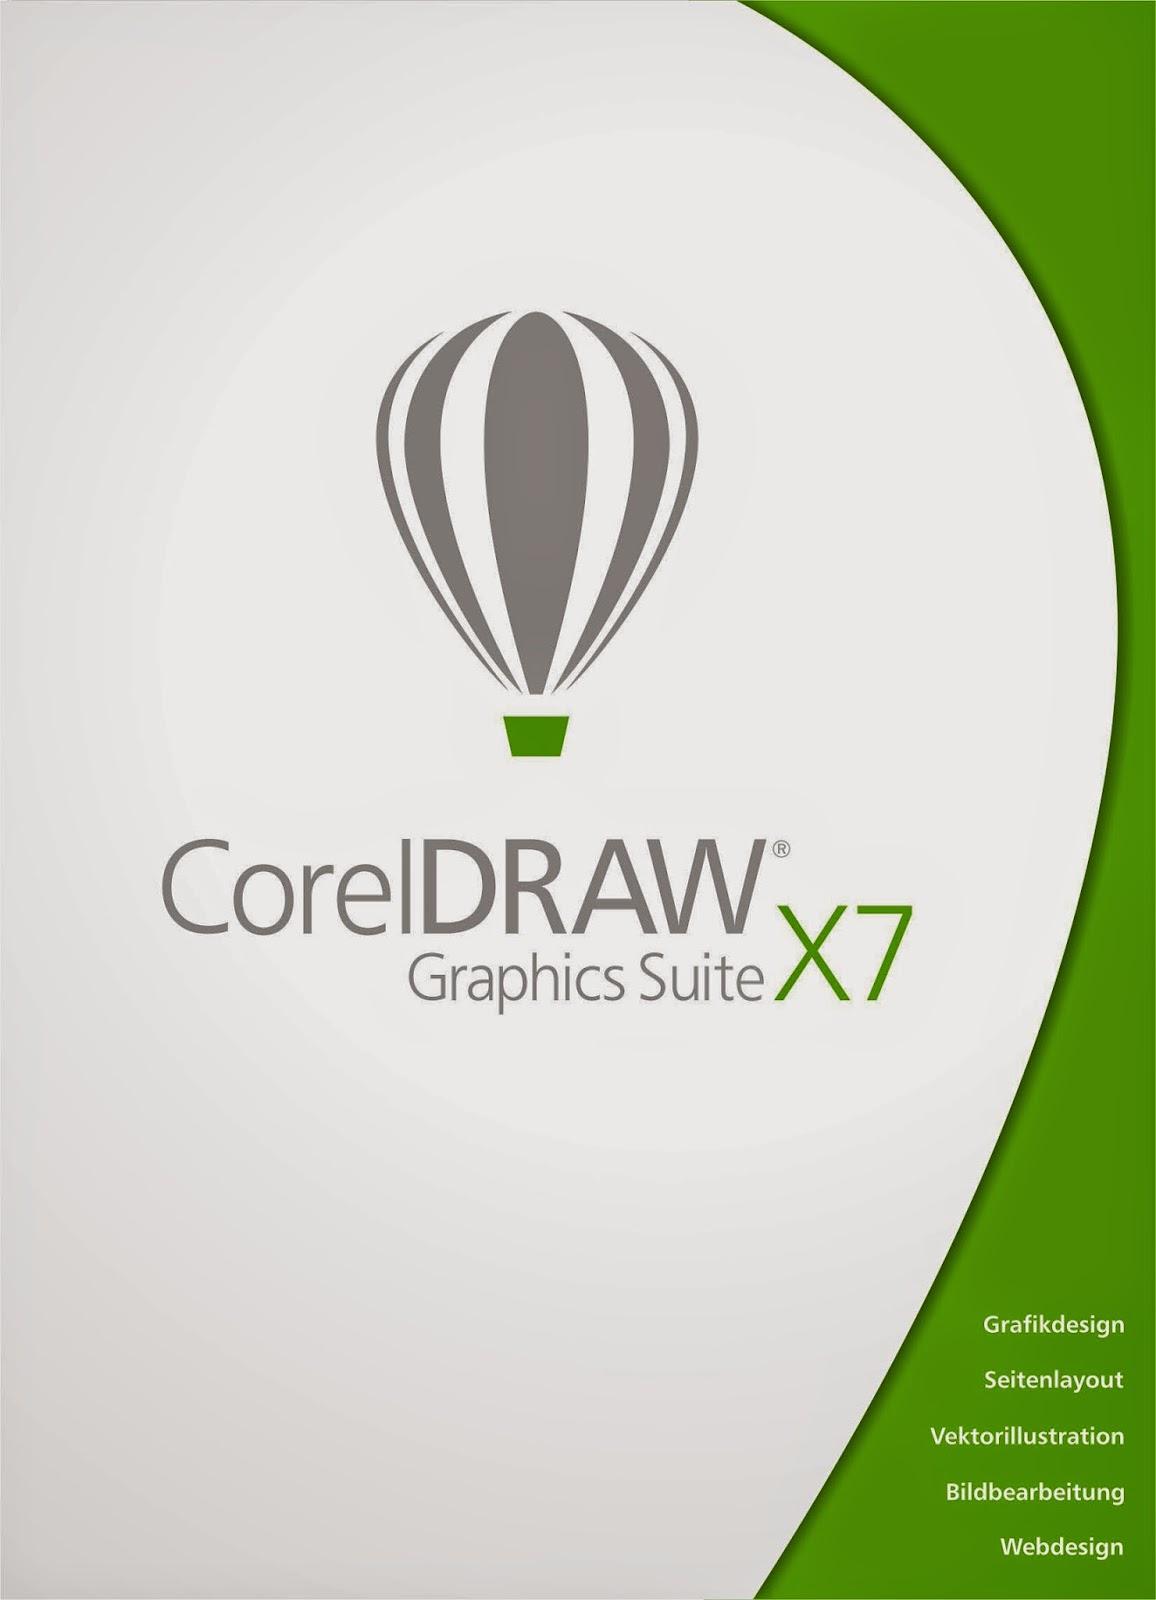 coreldraw x7 download free 32 bit